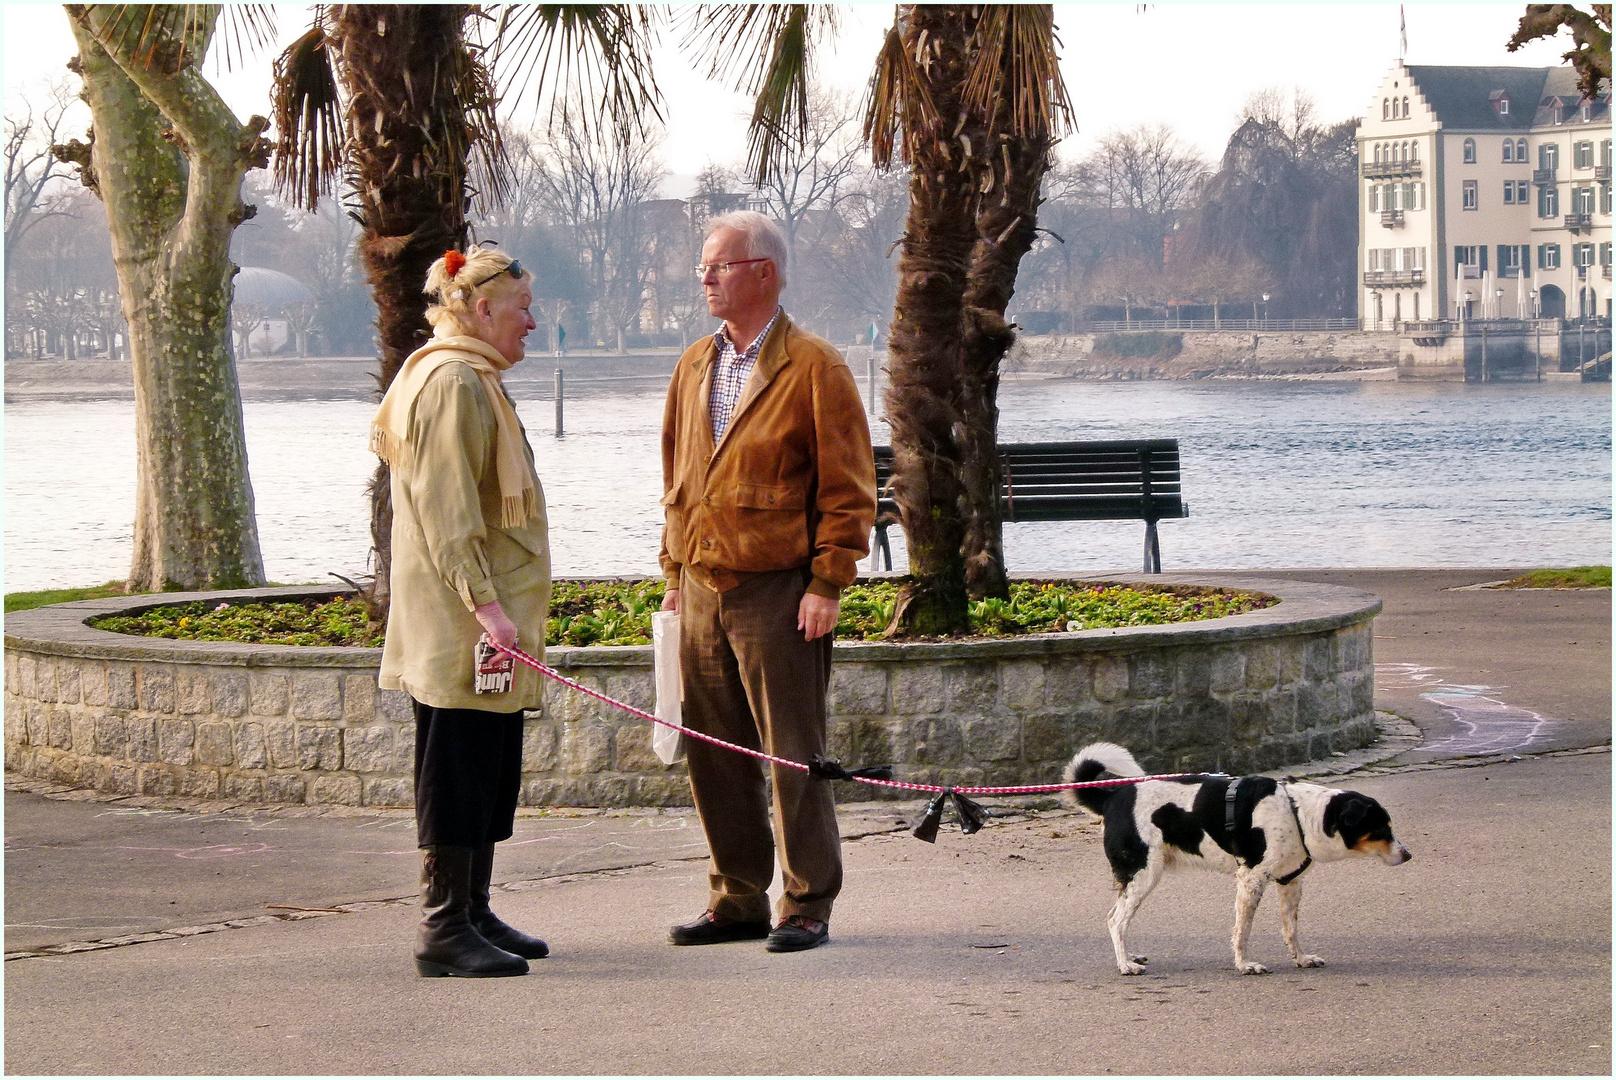 Gelangweilter Hund (im Bild rechts unten)